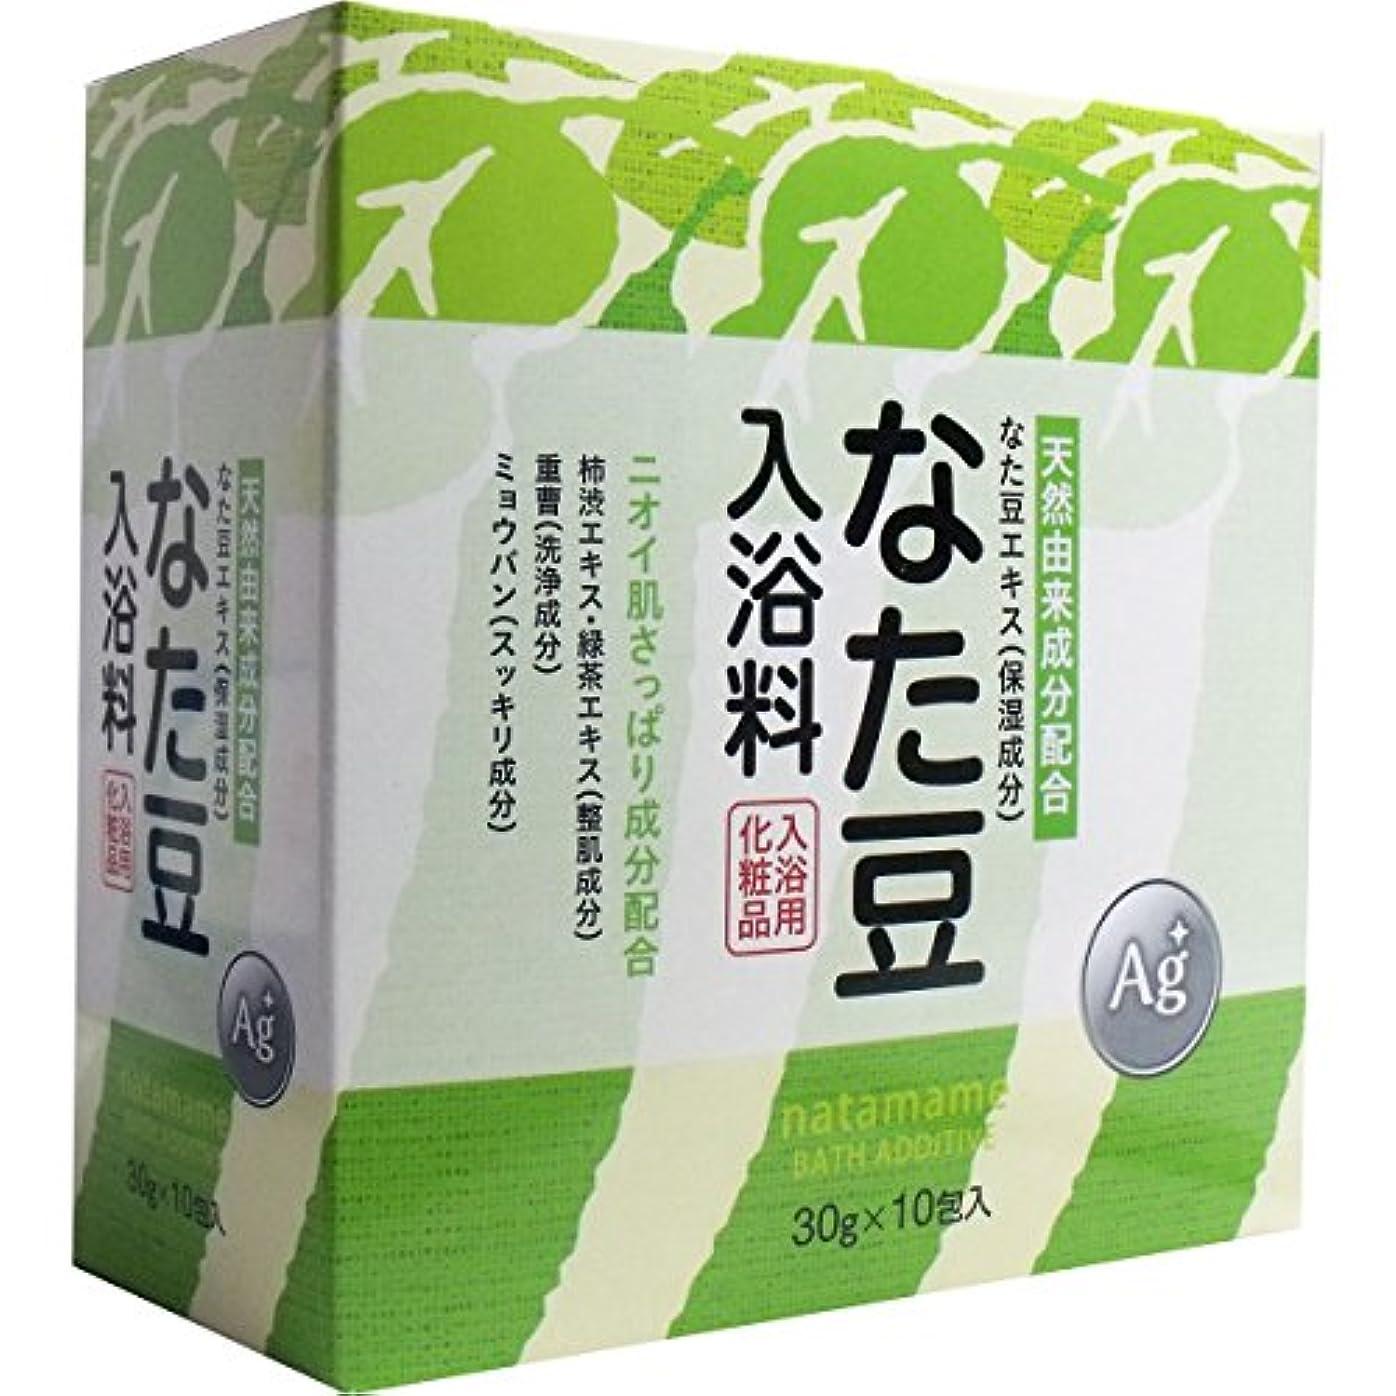 なた豆入浴料 入浴用化粧品 30g×10包入×10